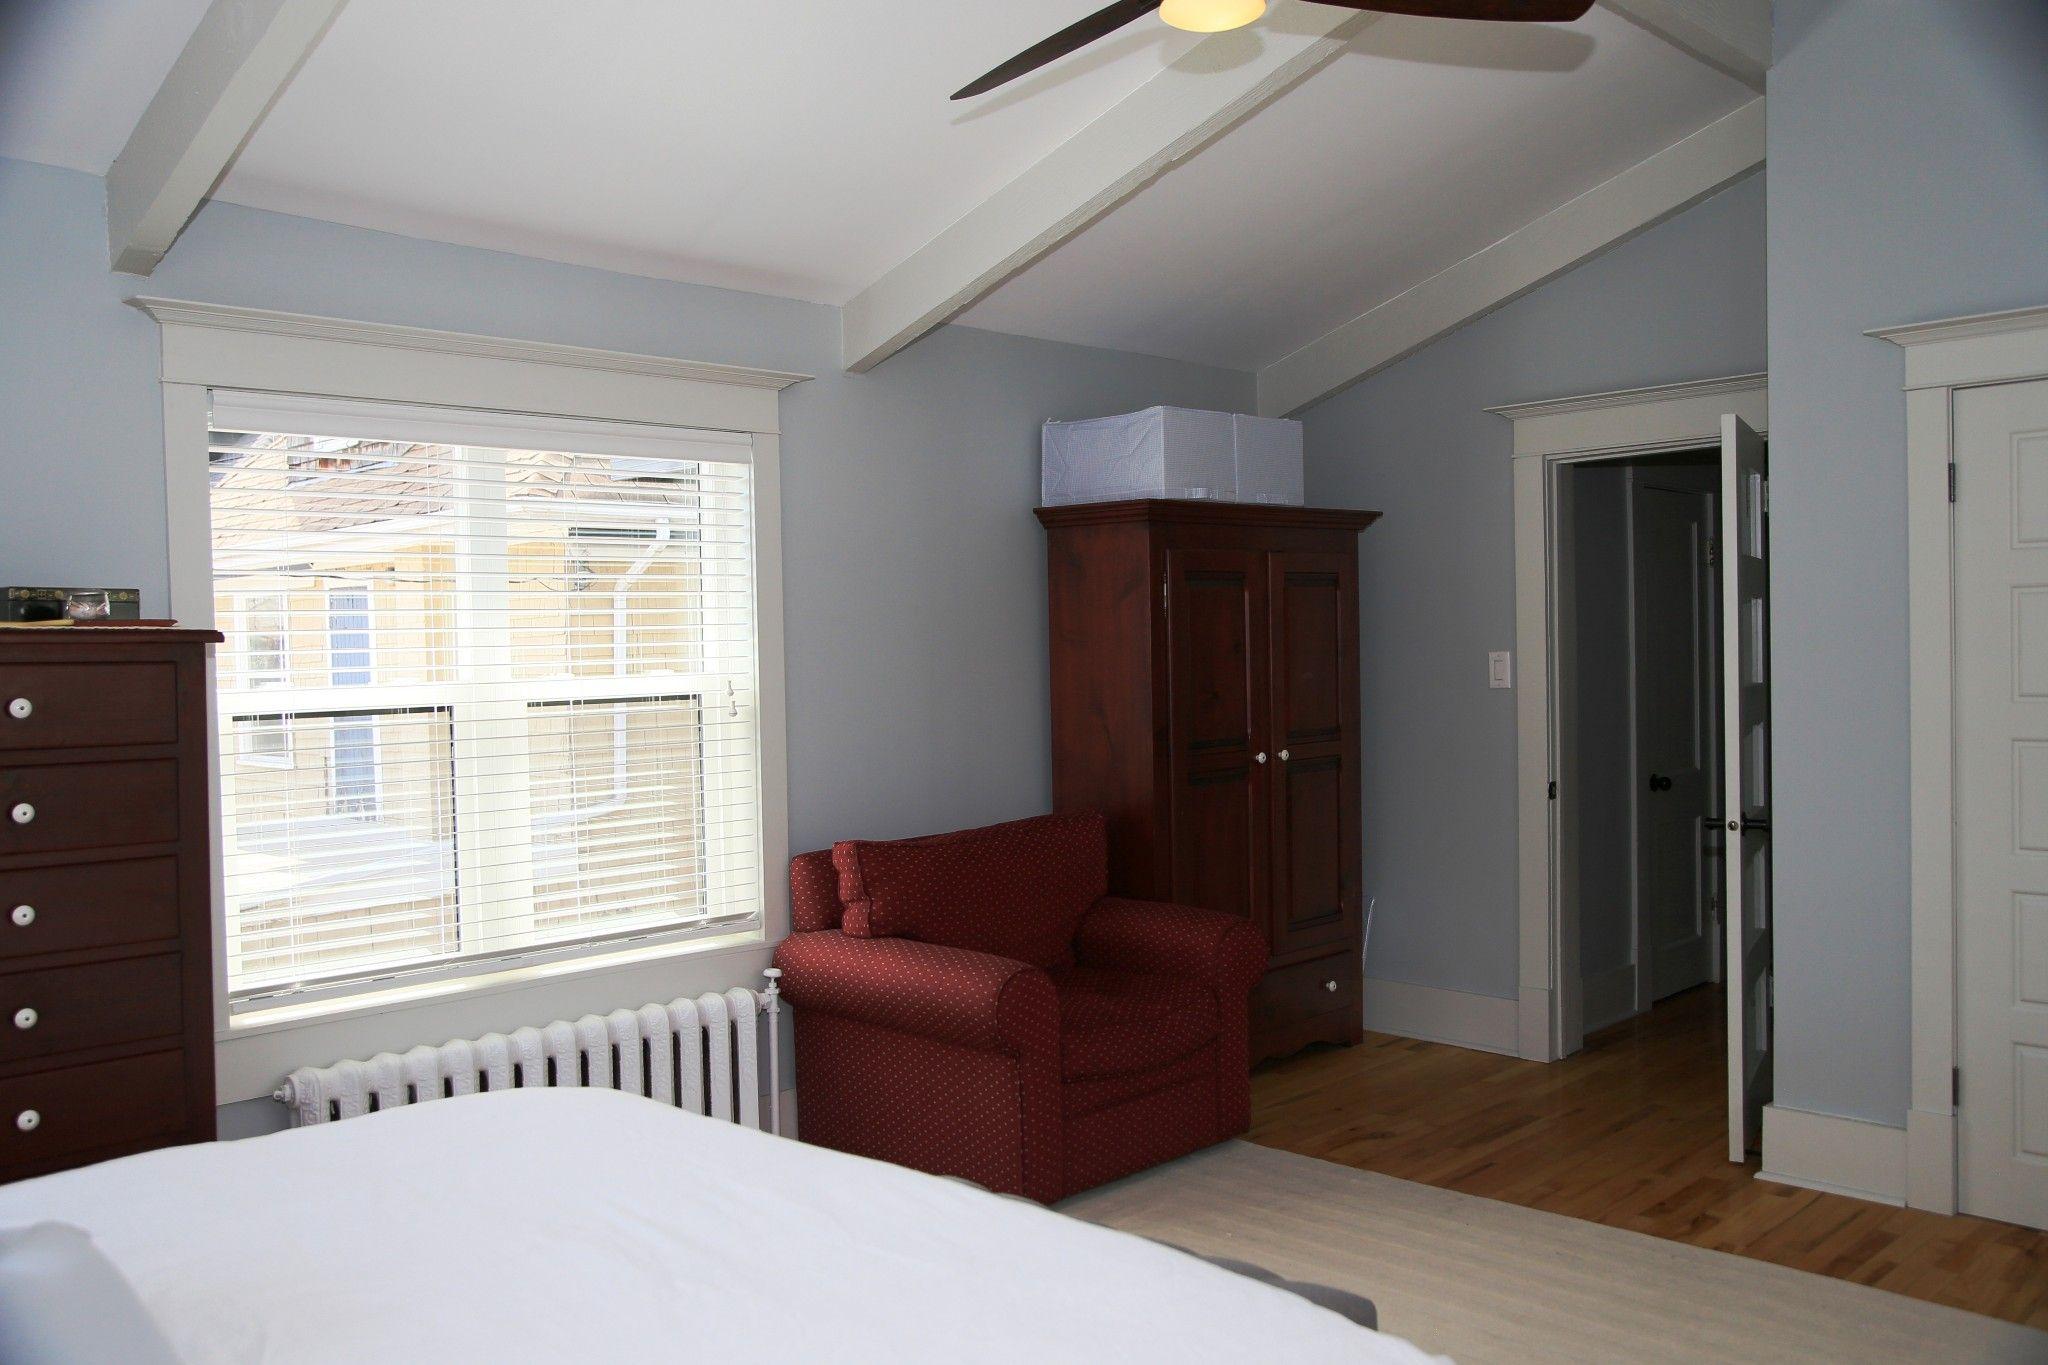 Photo 36: Photos: 121 Ruby Street in Winnipeg: Wolseley Single Family Detached for sale (5B)  : MLS®# 1808798